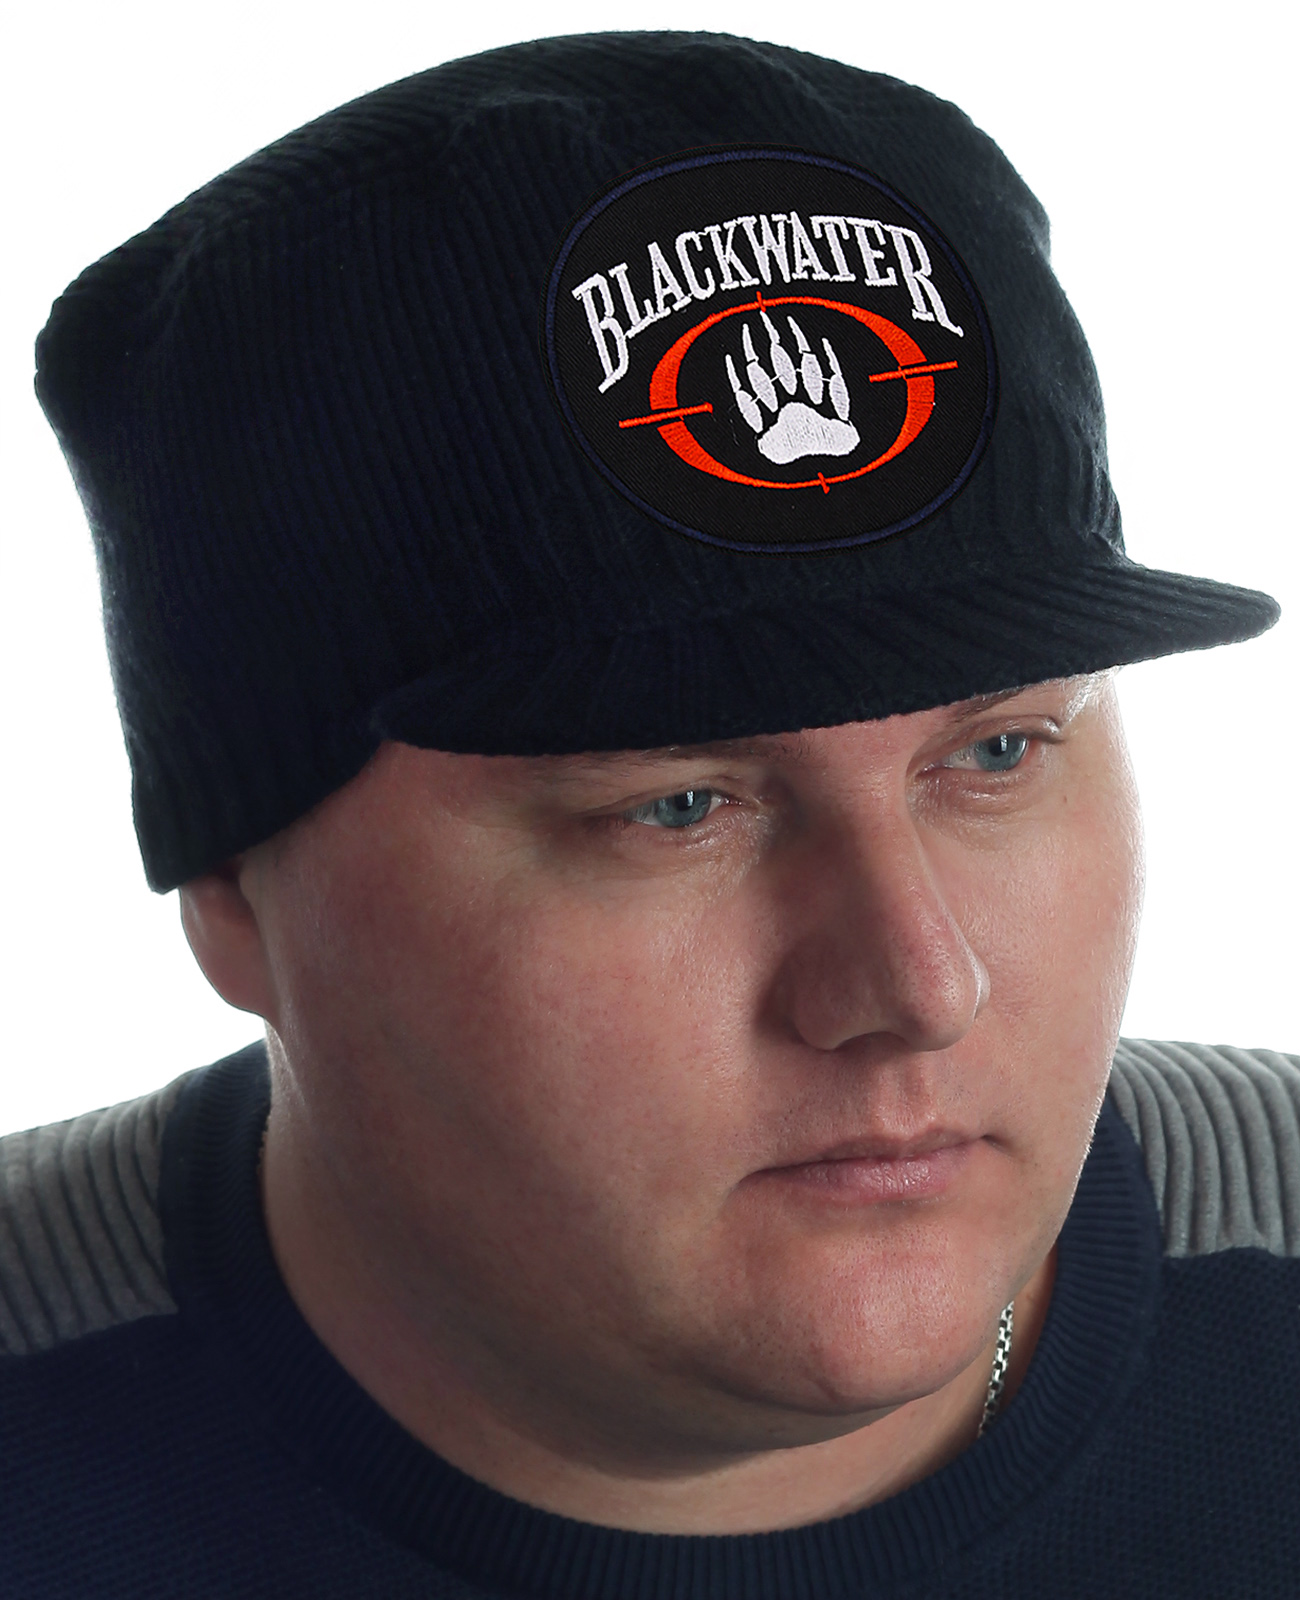 Недорого купить в интернет магазине мужскую зимнюю кепку